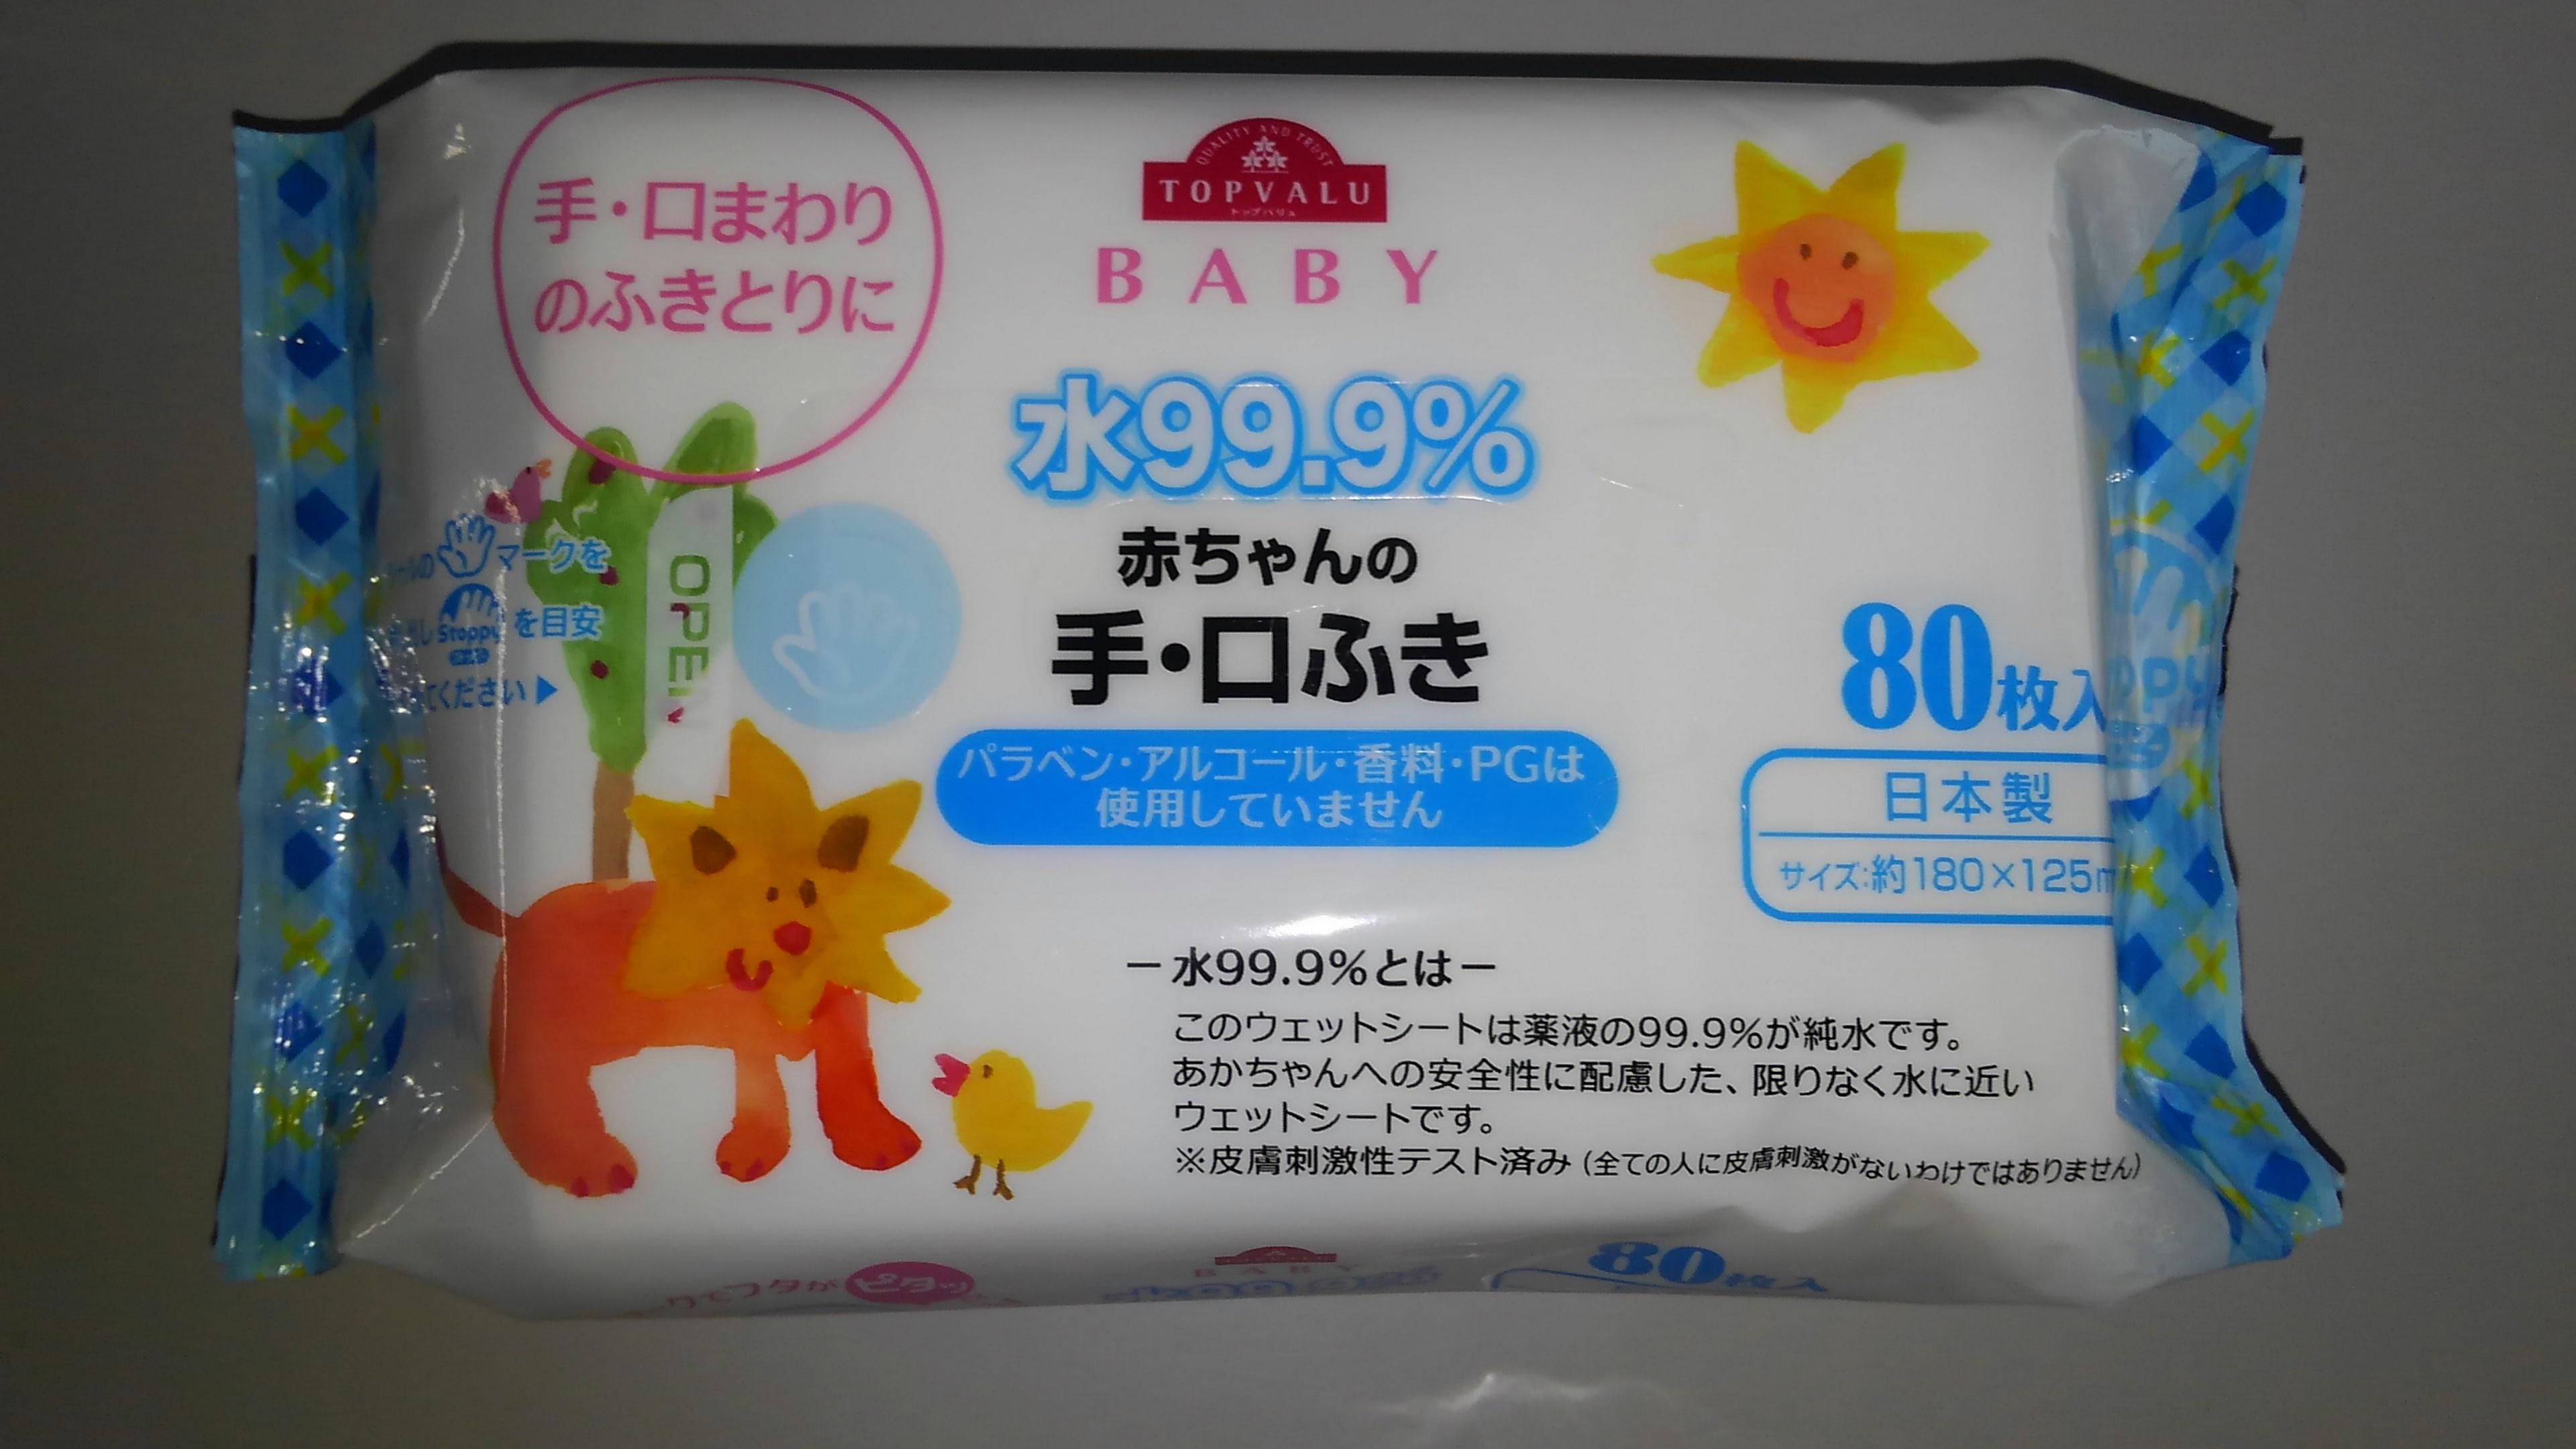 キッズリパブリック東戸塚店